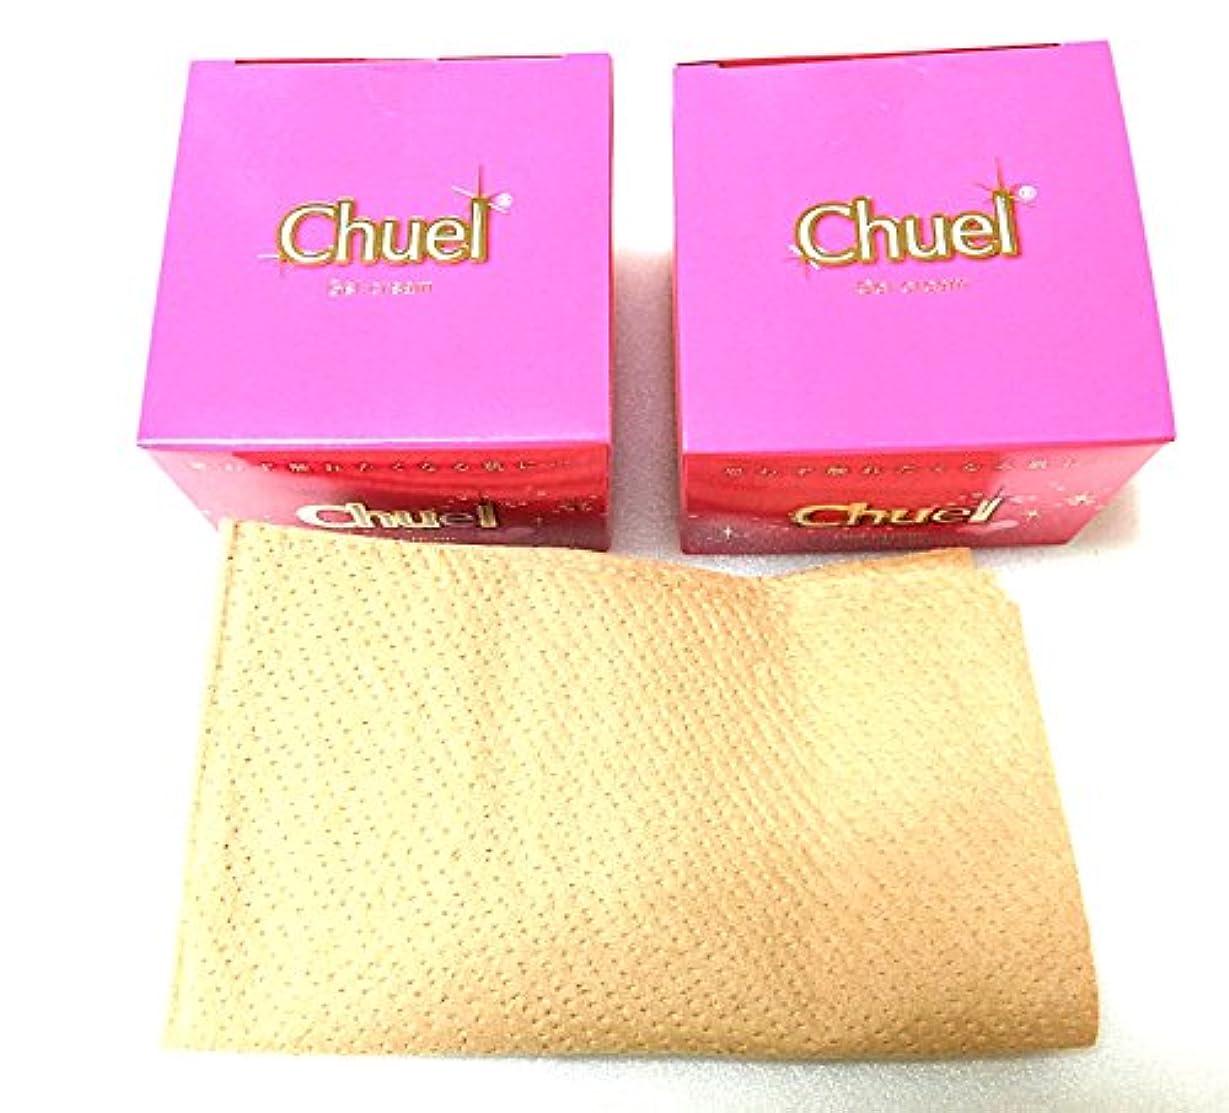 健康的藤色句読点NEW Chuel(チュエル) 増量 180g 2個セット 使い捨て紙ウエス1枚付属